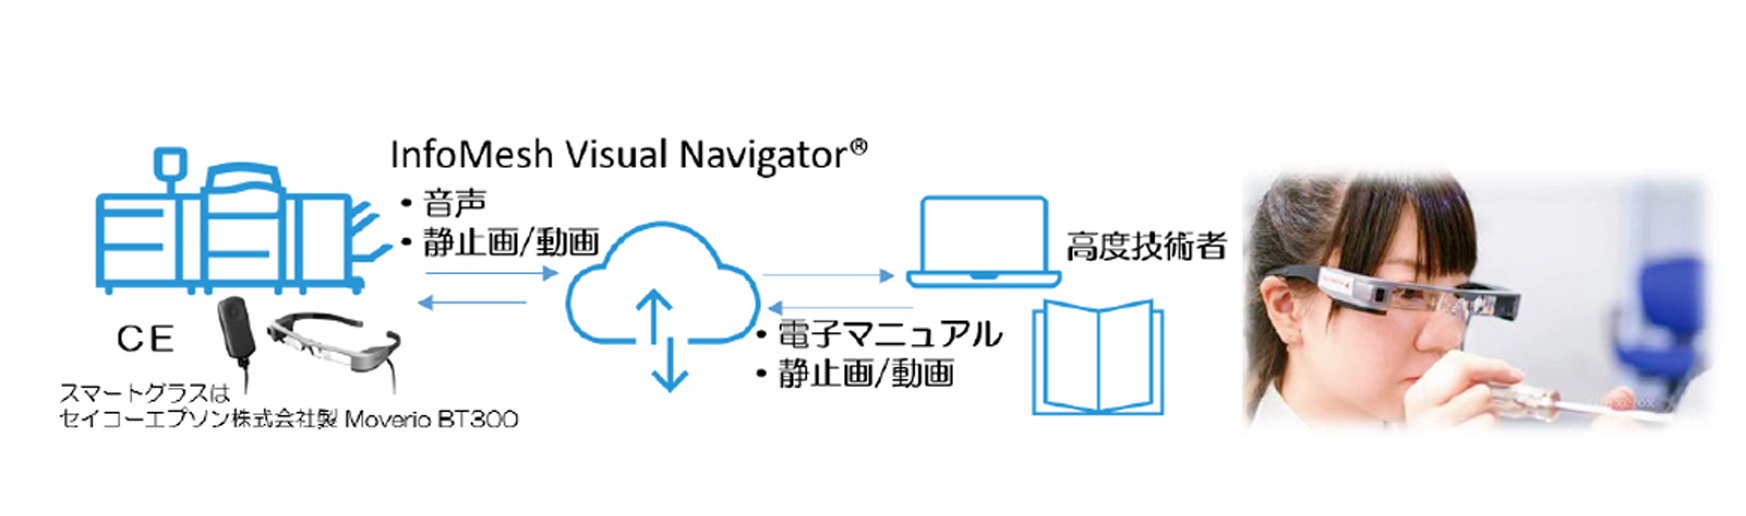 遠隔作業支援の為のスマートグラス活用ソリューション「InfoMesh Visual Navigator®」活用イメージ